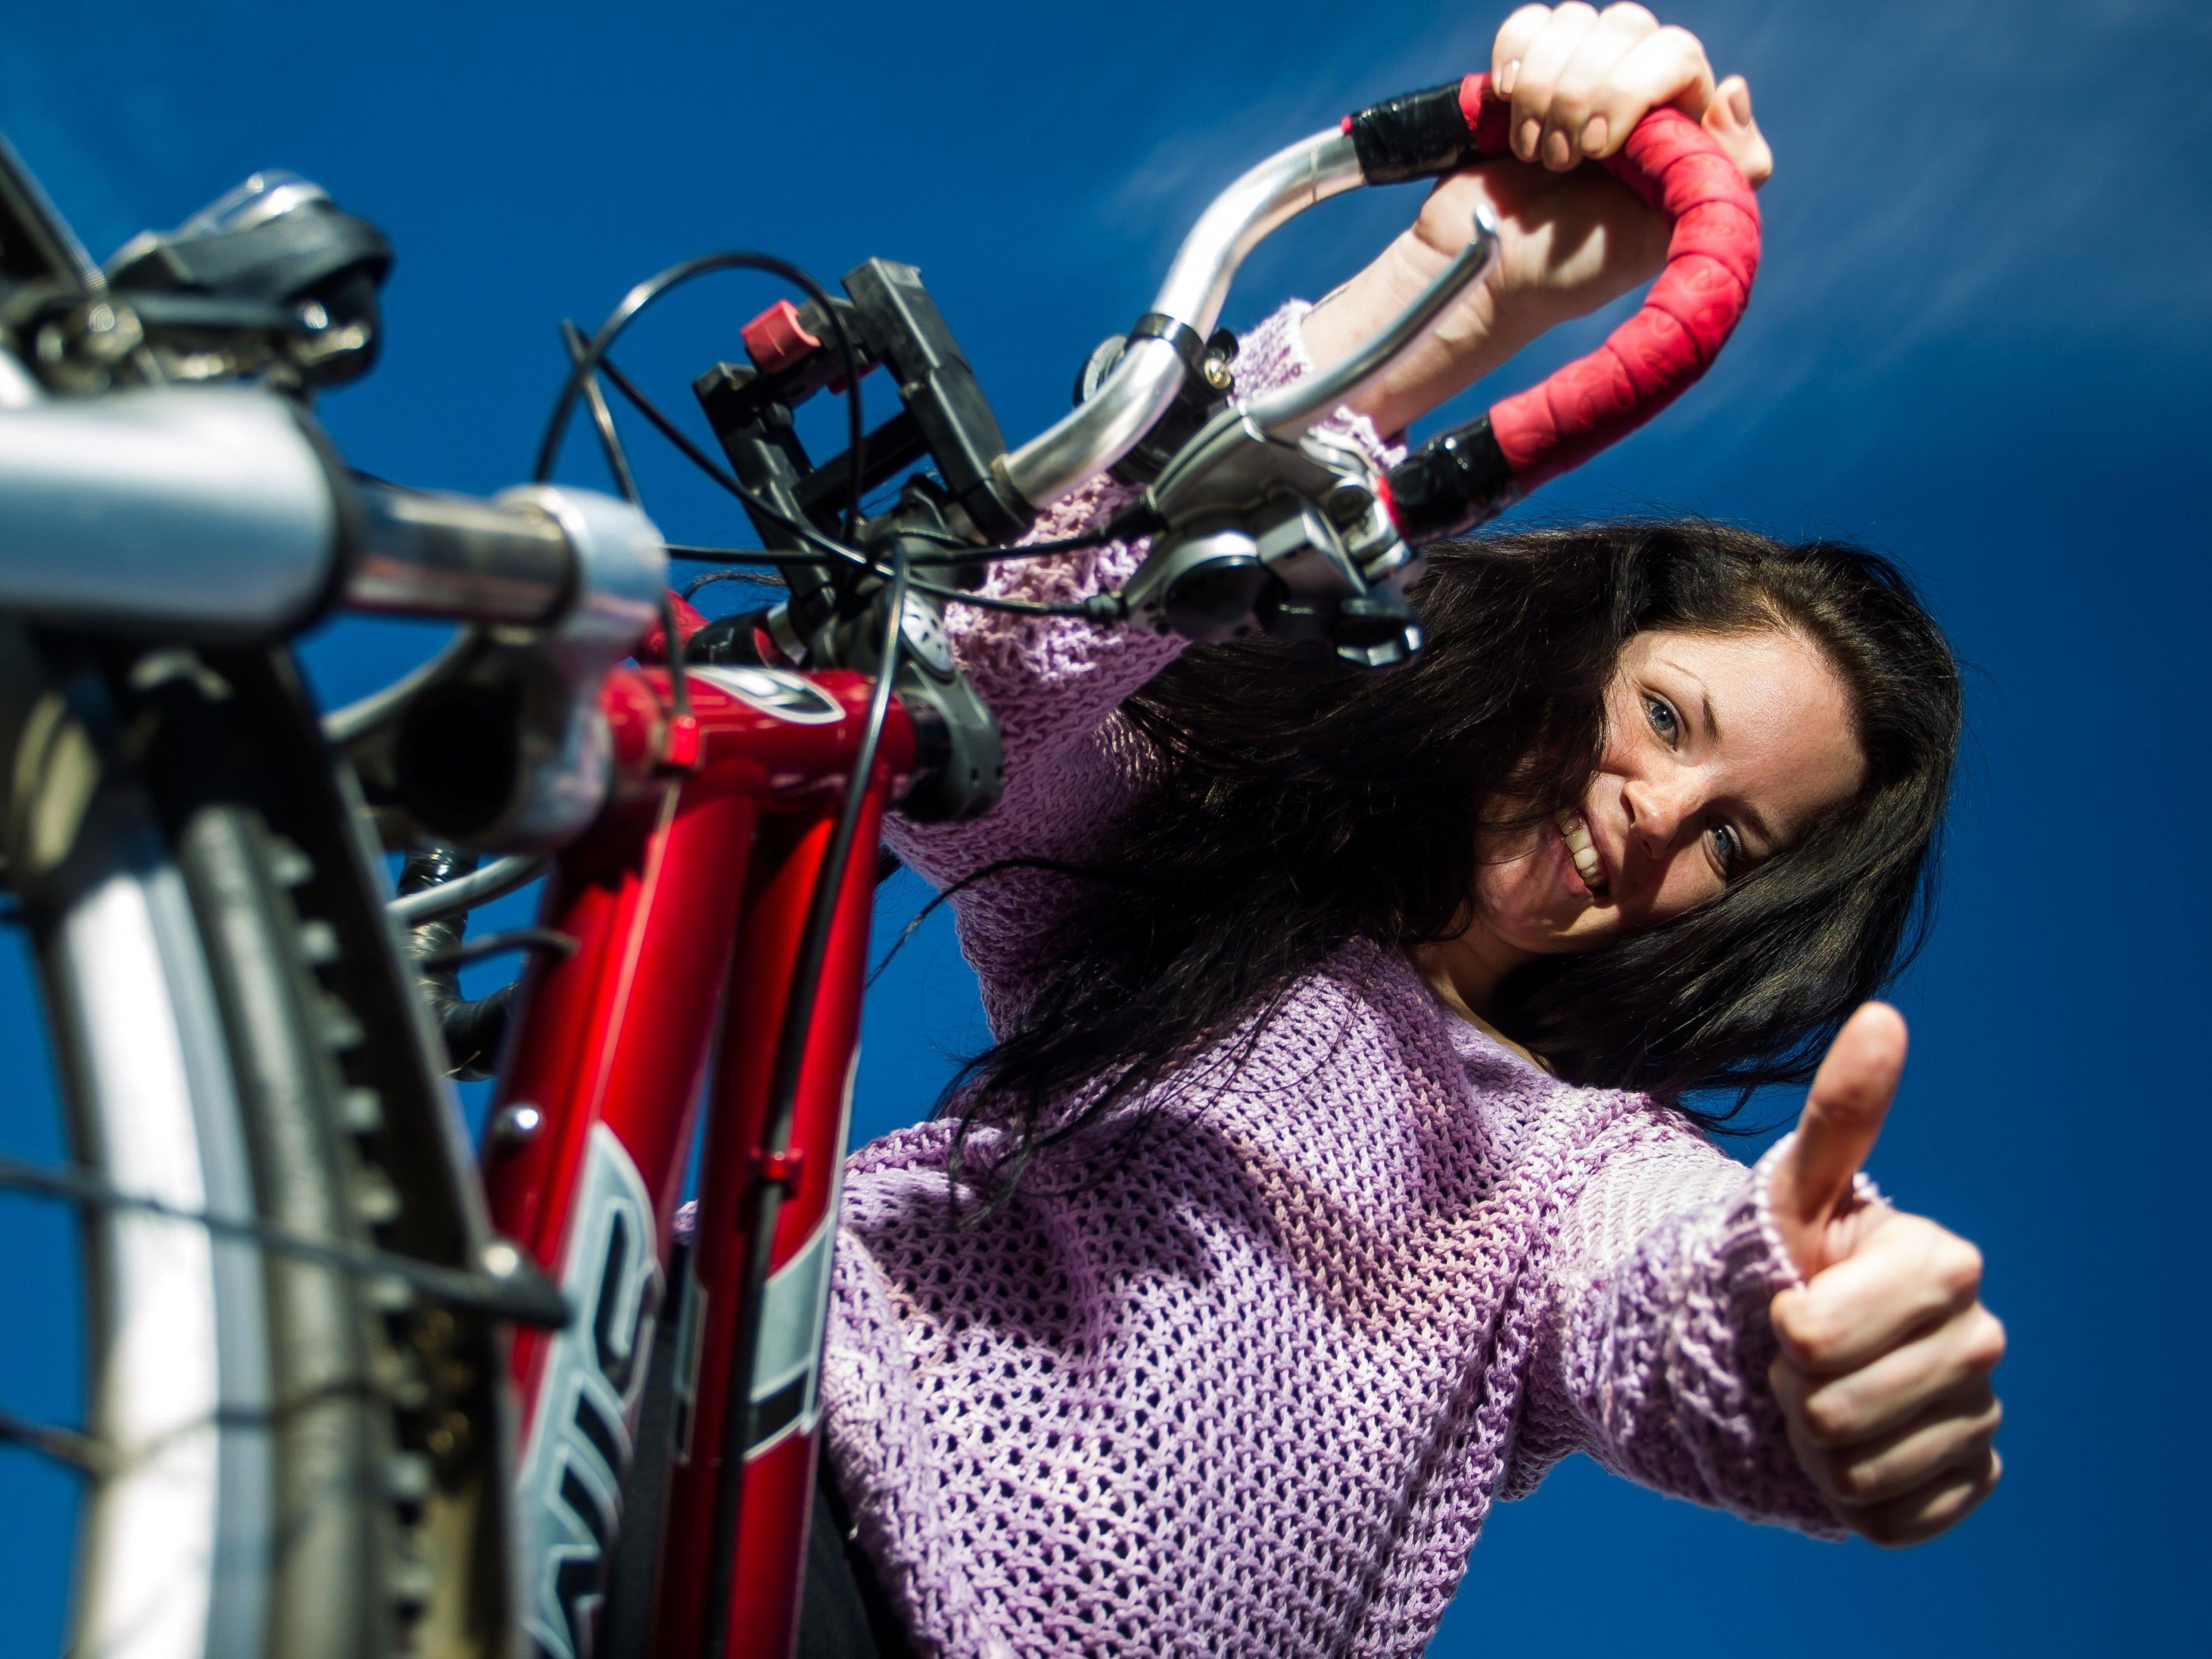 Mit diesen Tipps bleibt Ihr Fahrrad auch in Ihrem Besitz.